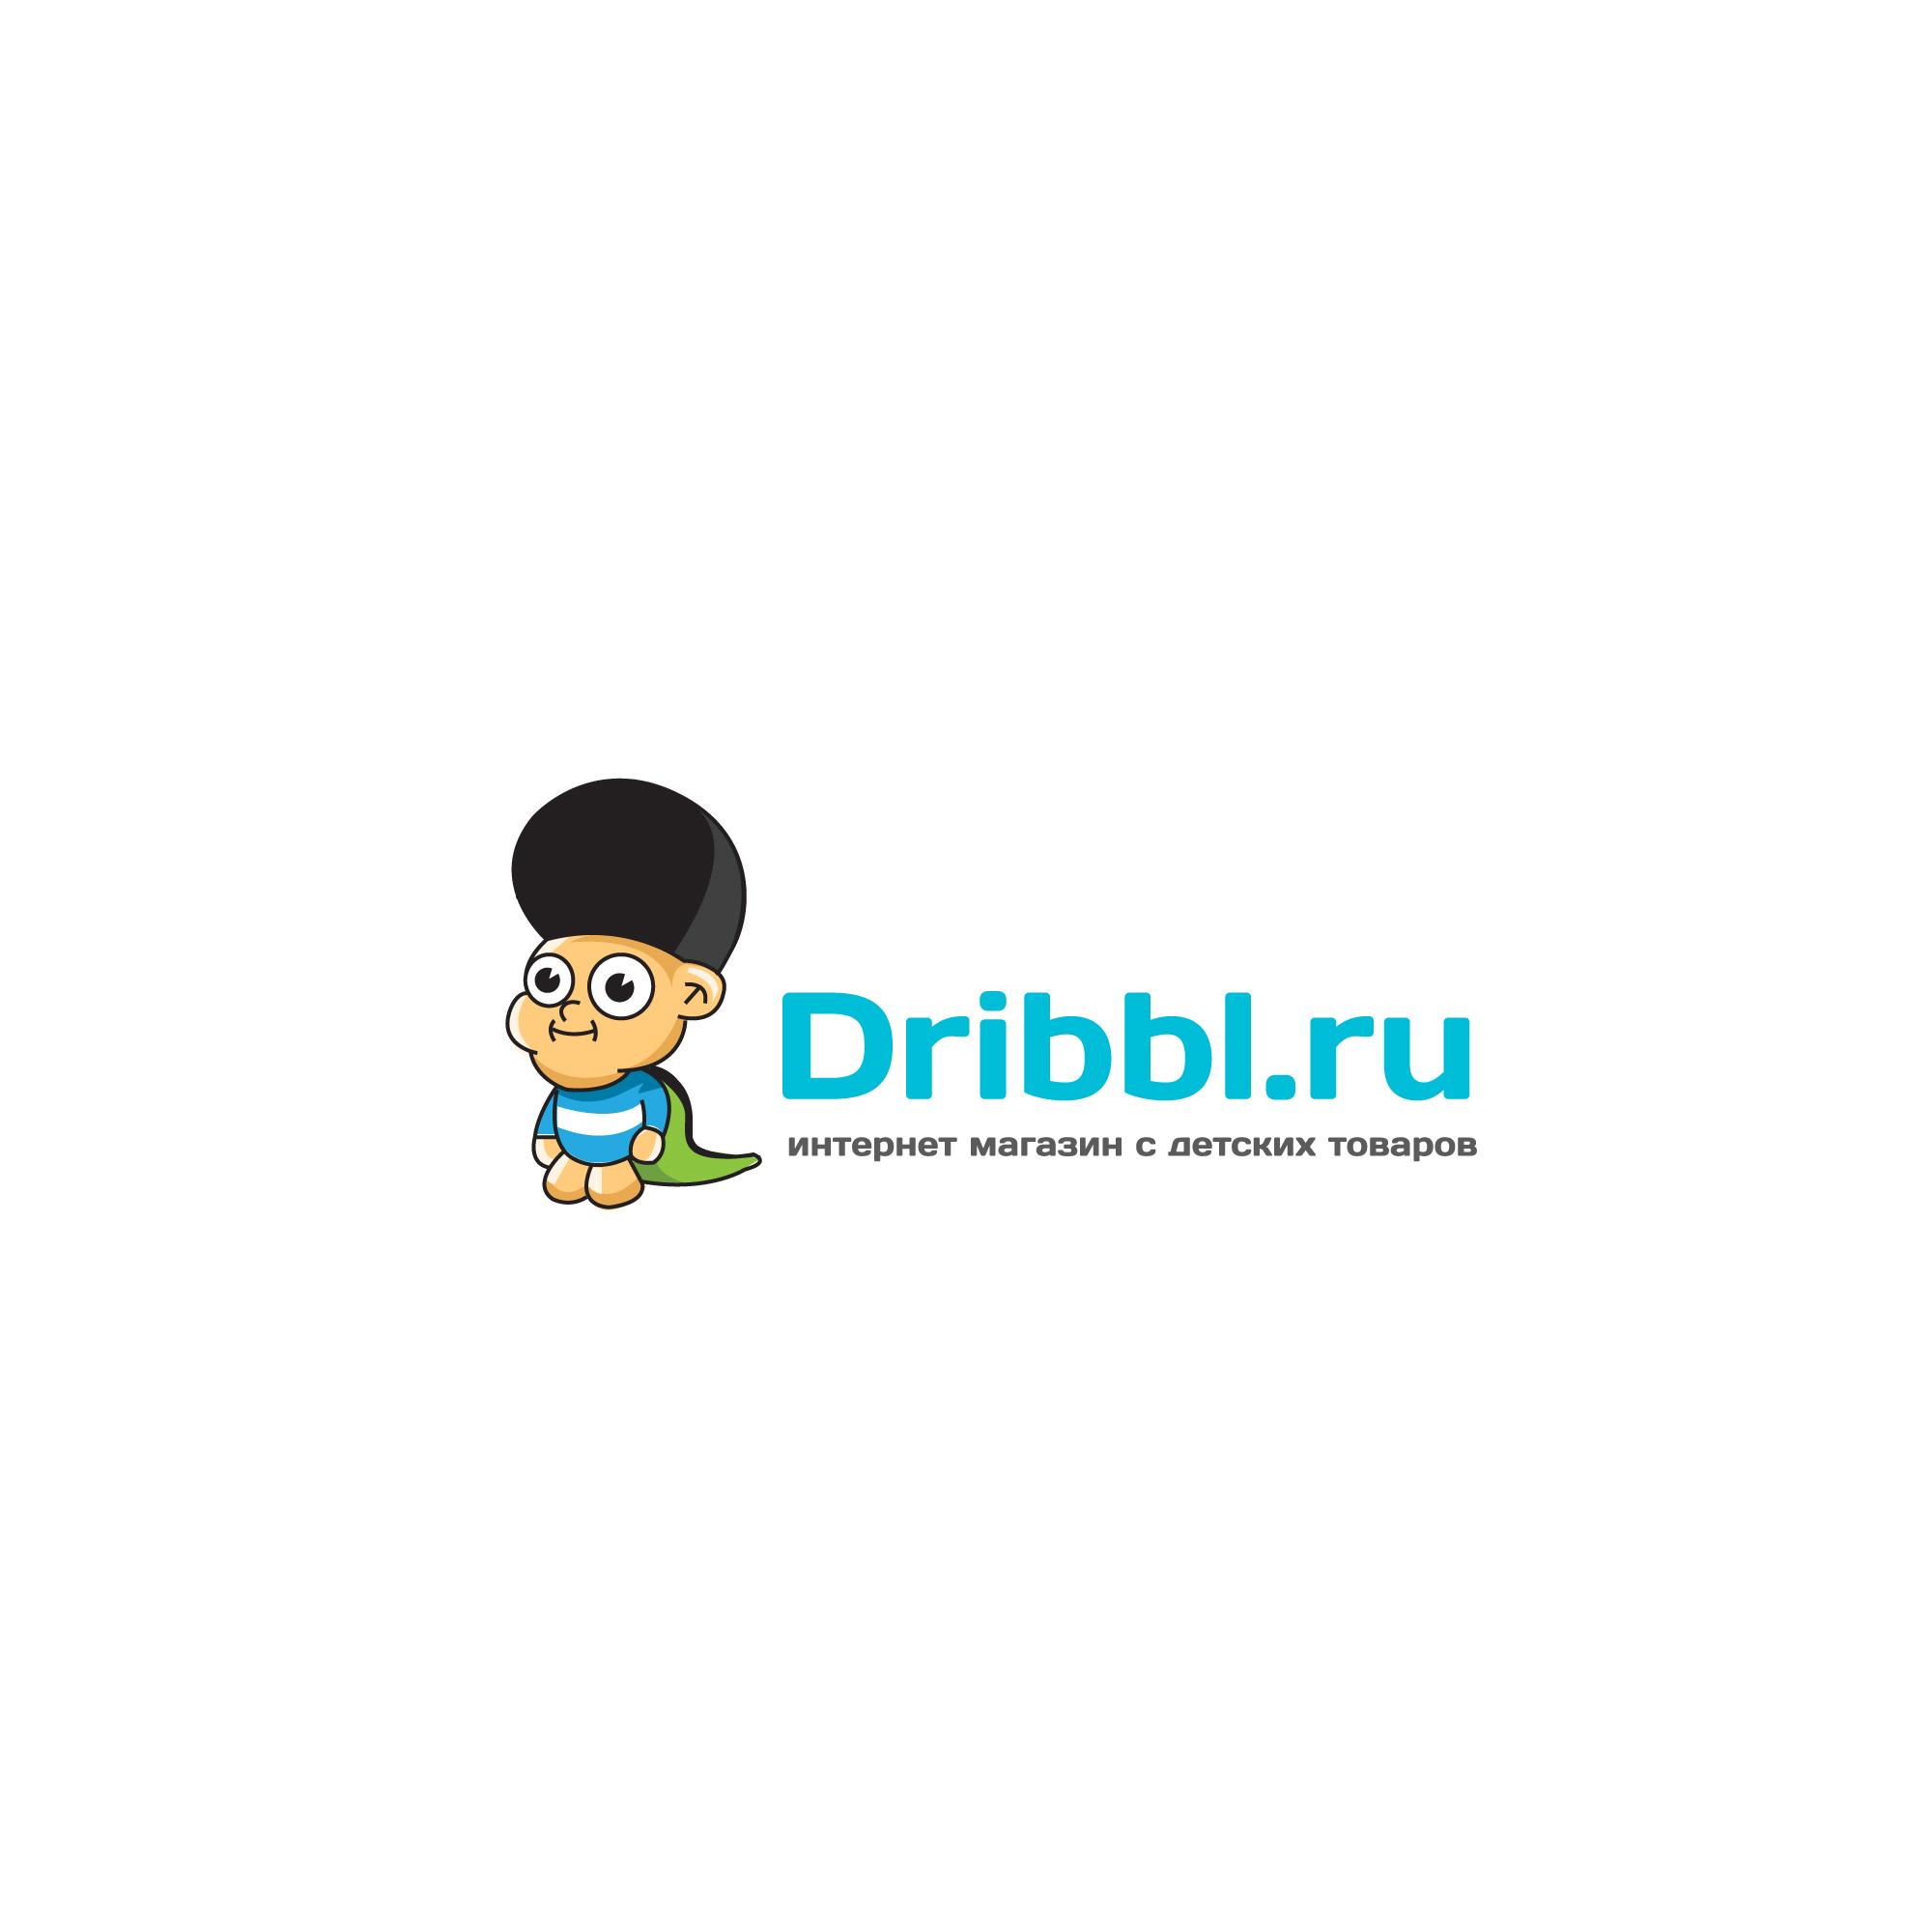 Разработка логотипа для сайта Dribbl.ru фото f_1285a9d499922a4c.jpg